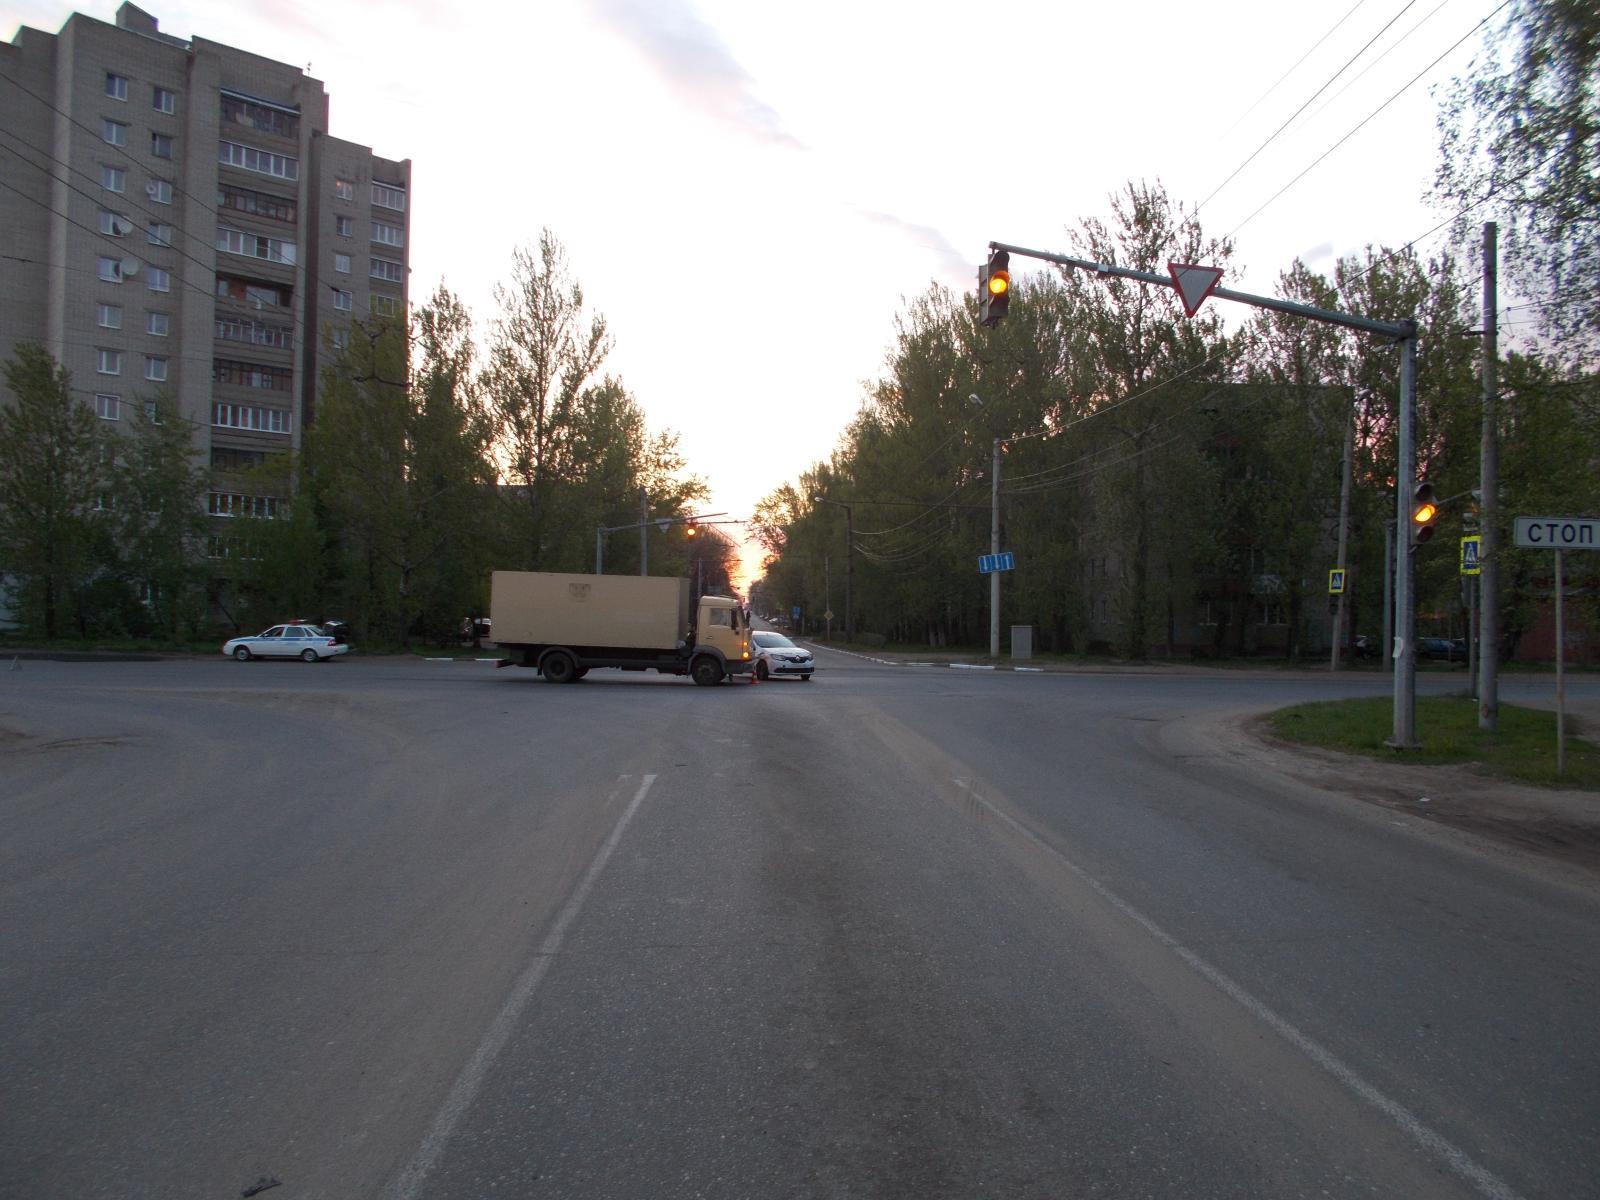 Такси угодило под КАМАЗ: пострадала пассажирка